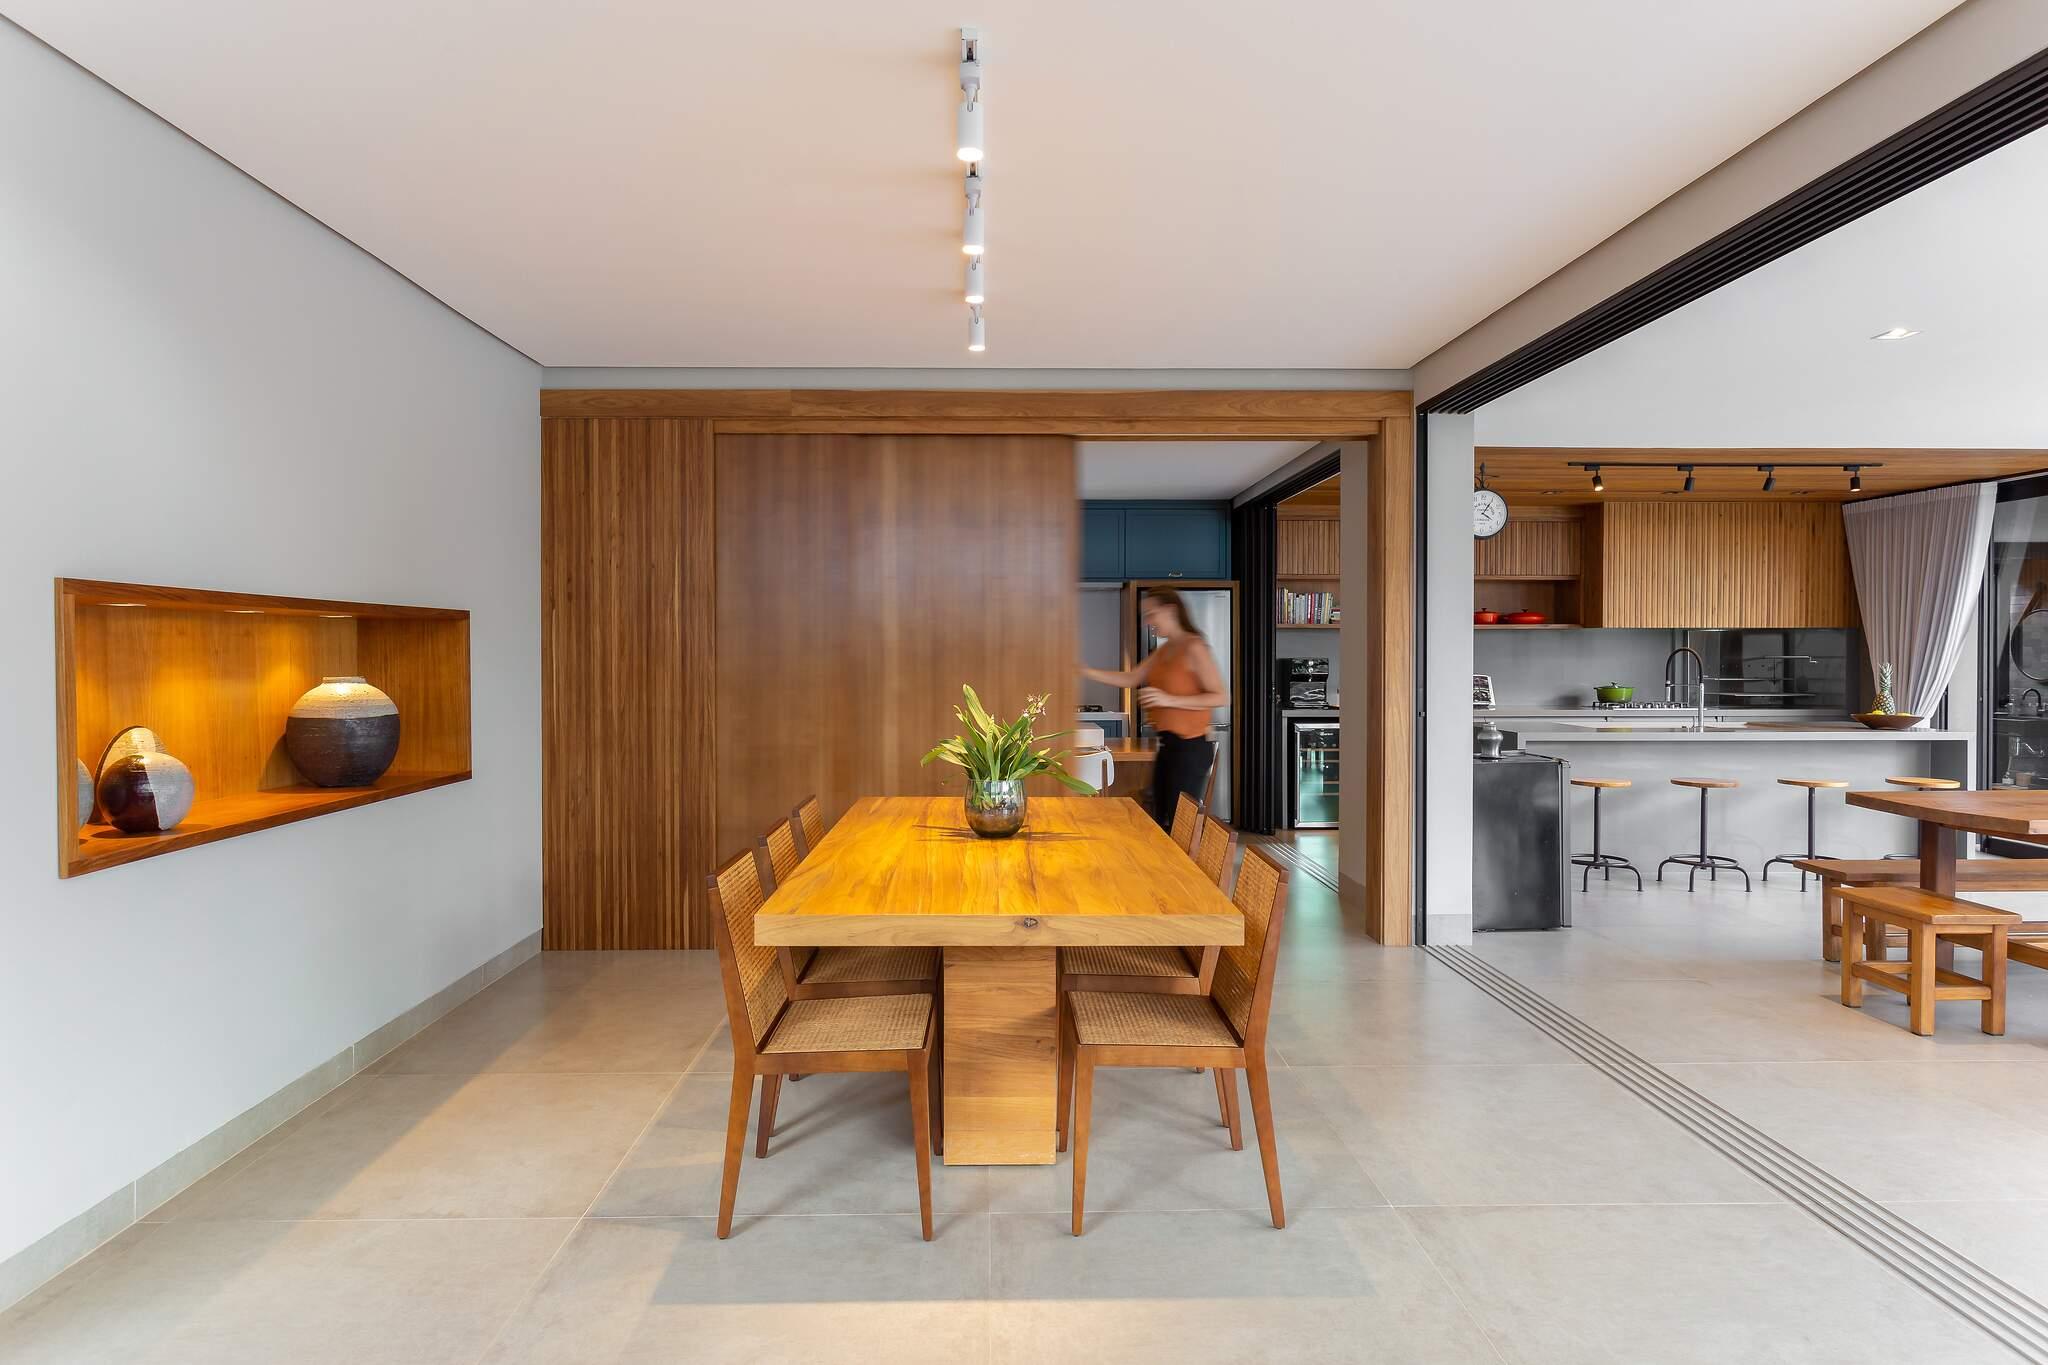 Porta na cozinha une ou divide área da sala de jantar, trazendo sensação de amplitude. (Foto: Rafael Lima)